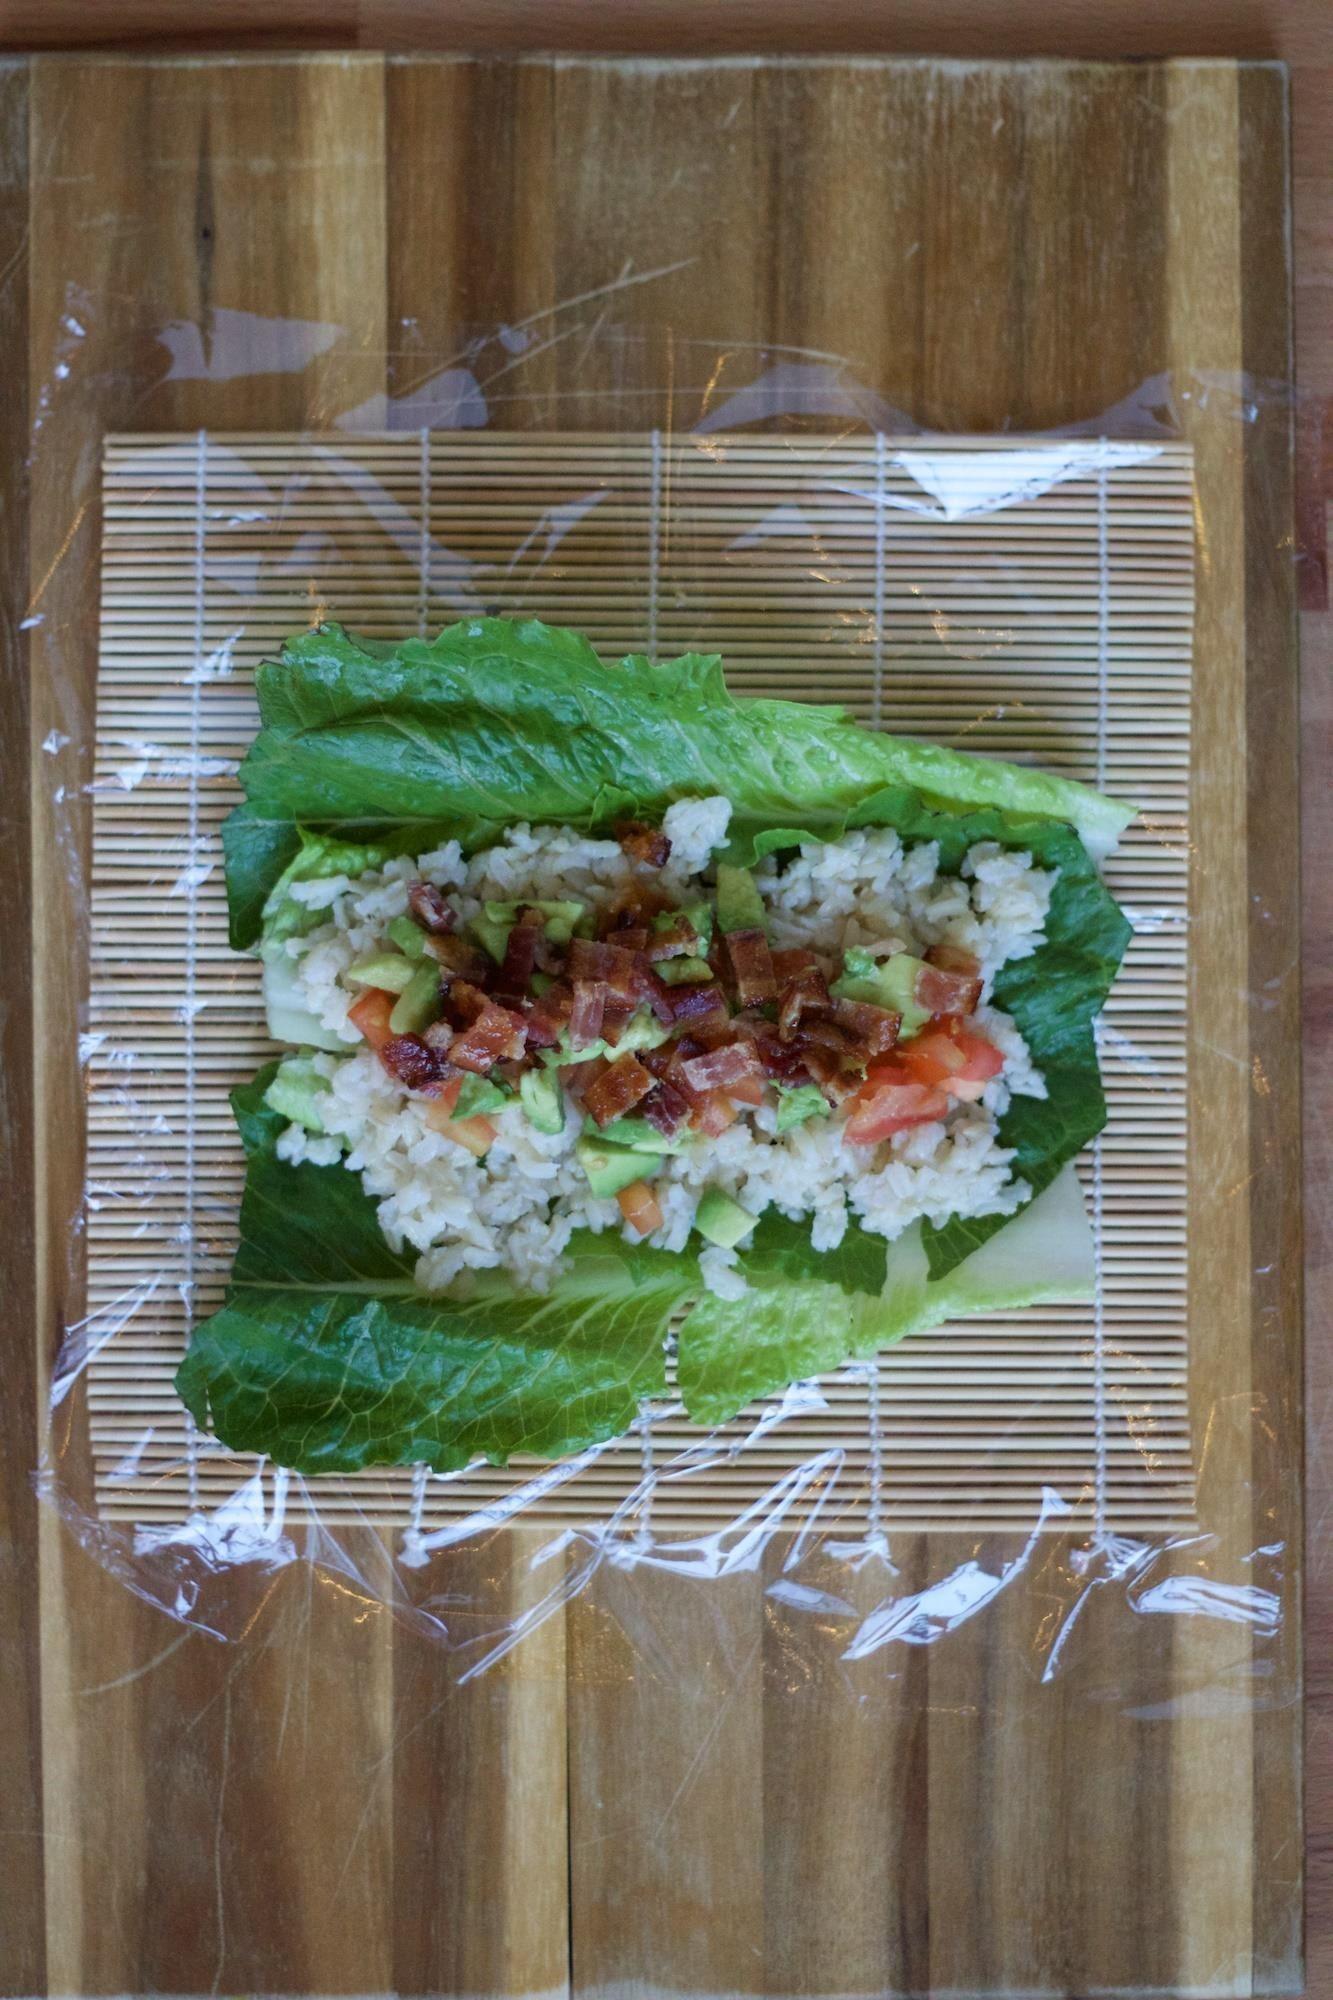 BLT + Sushi = Genius